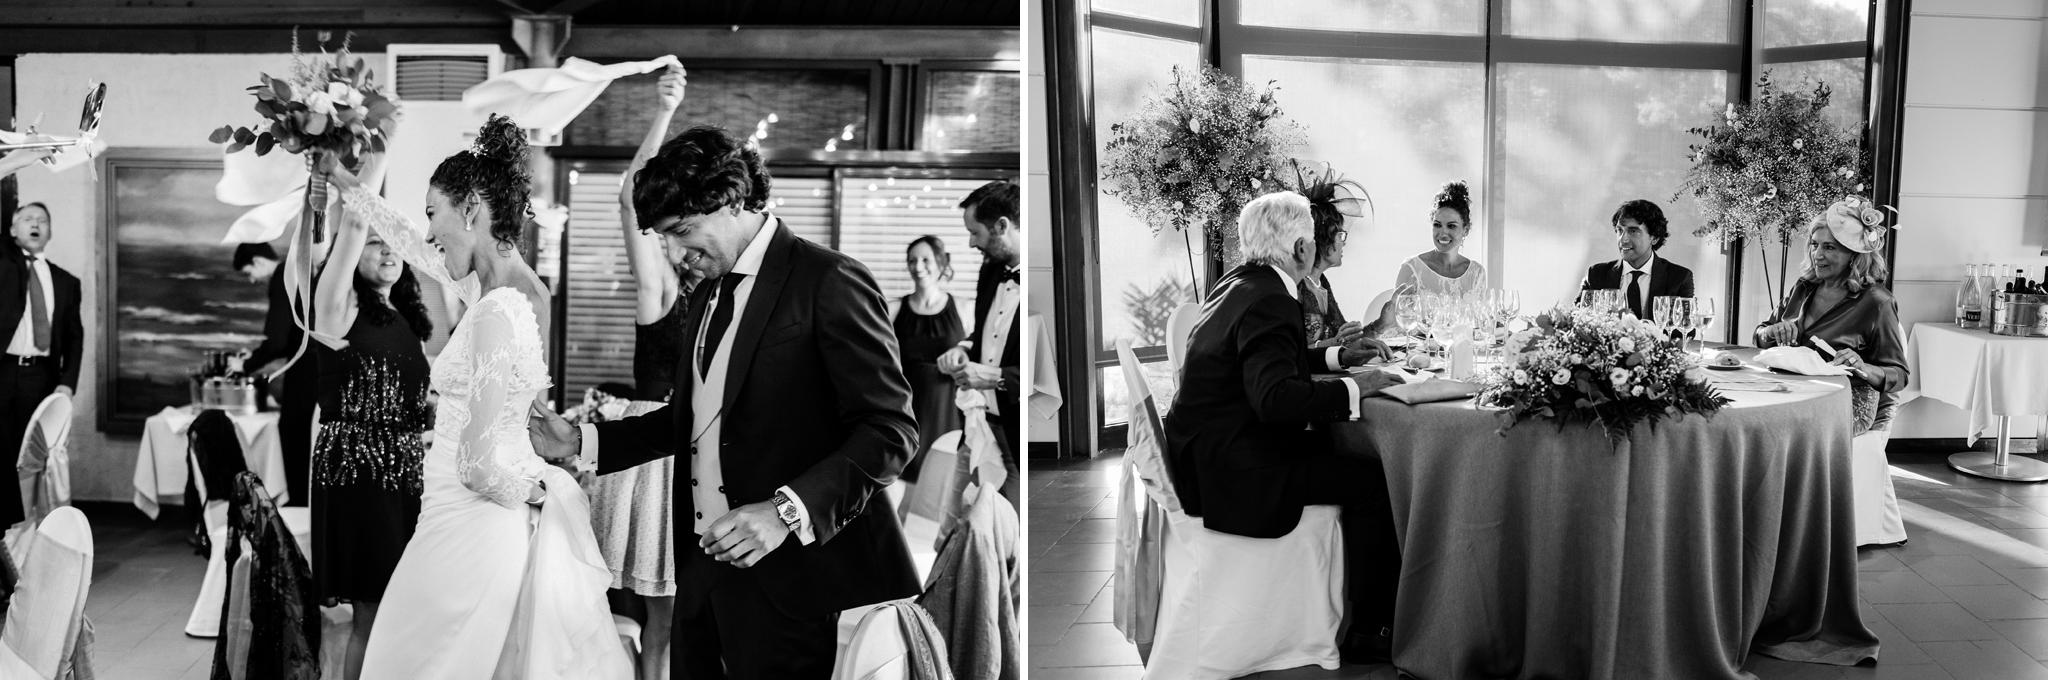 fotografia-bodas-castell-tamarit0067.jpg